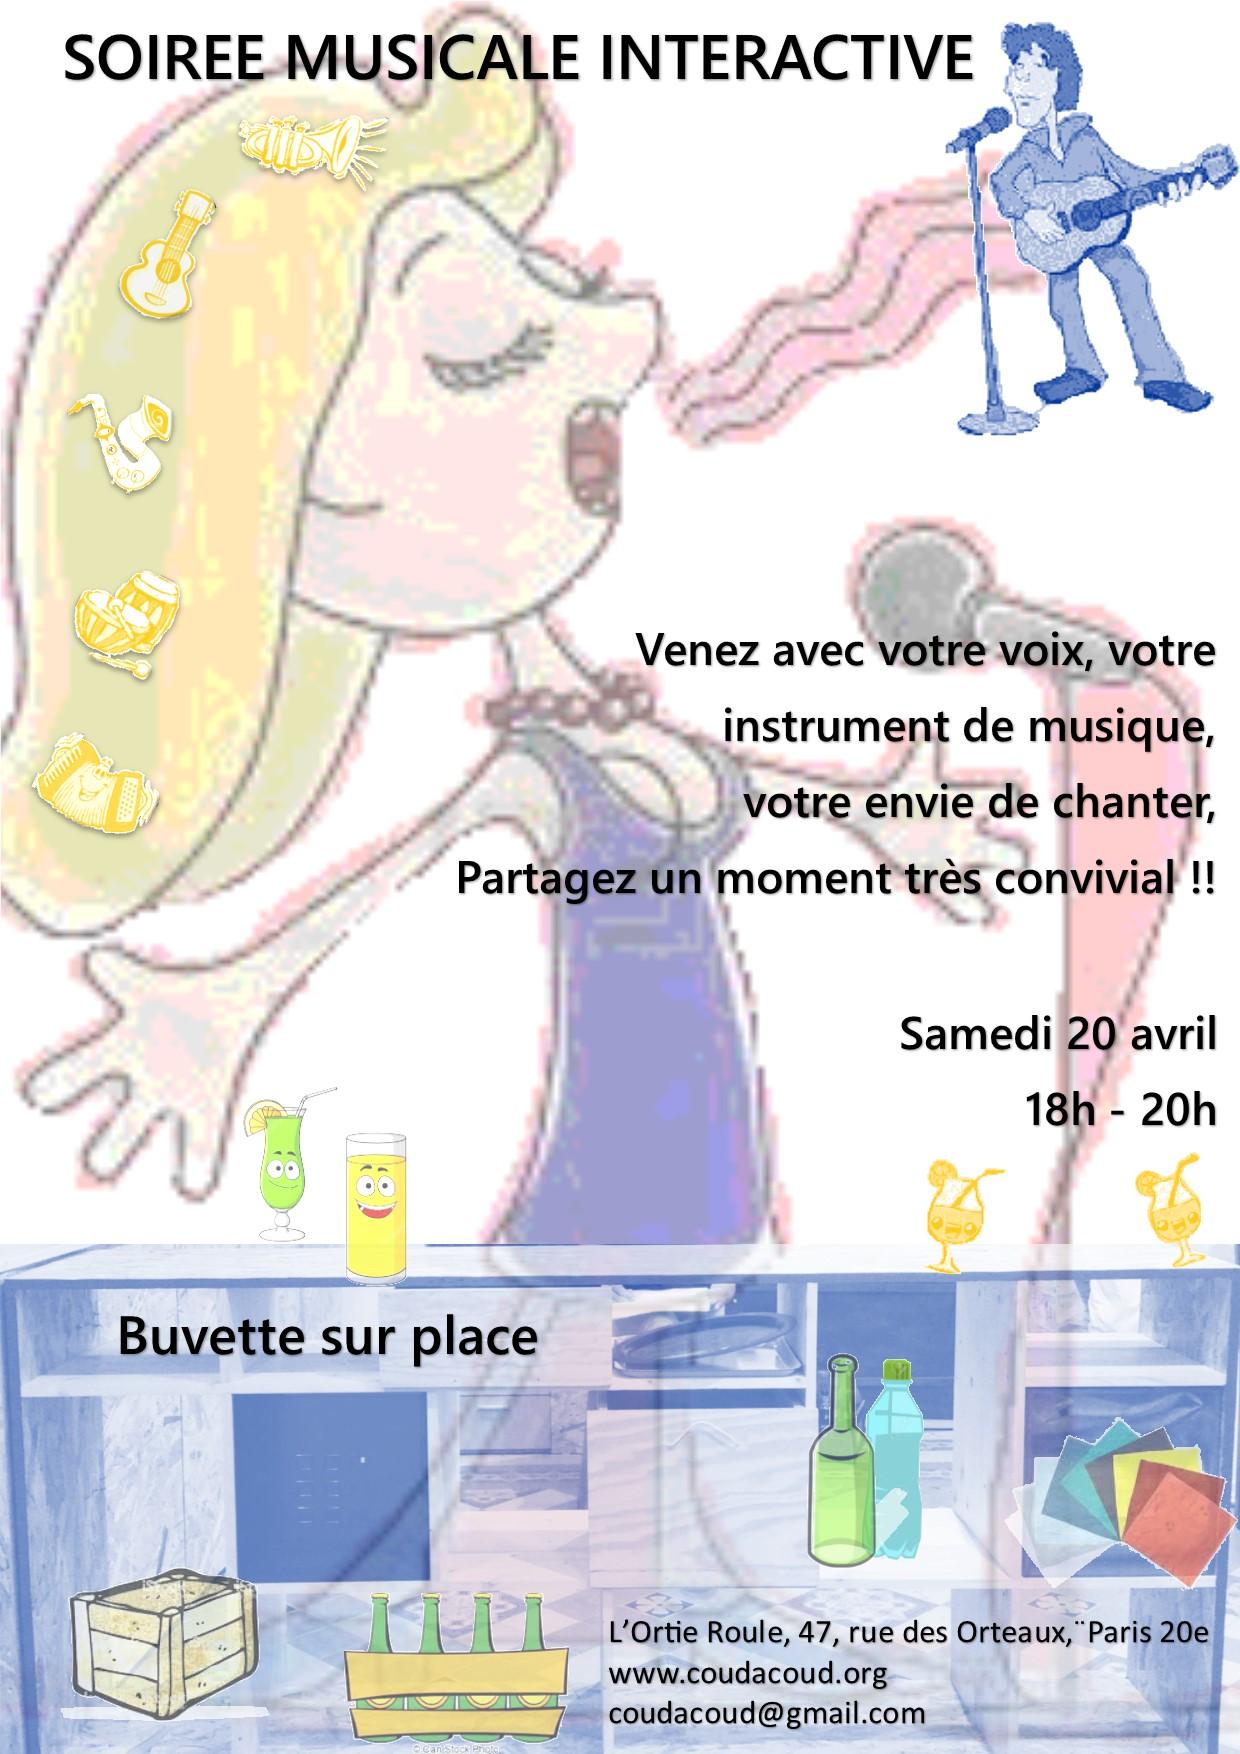 Soirée musicale interactive @ L'Ortie Roule